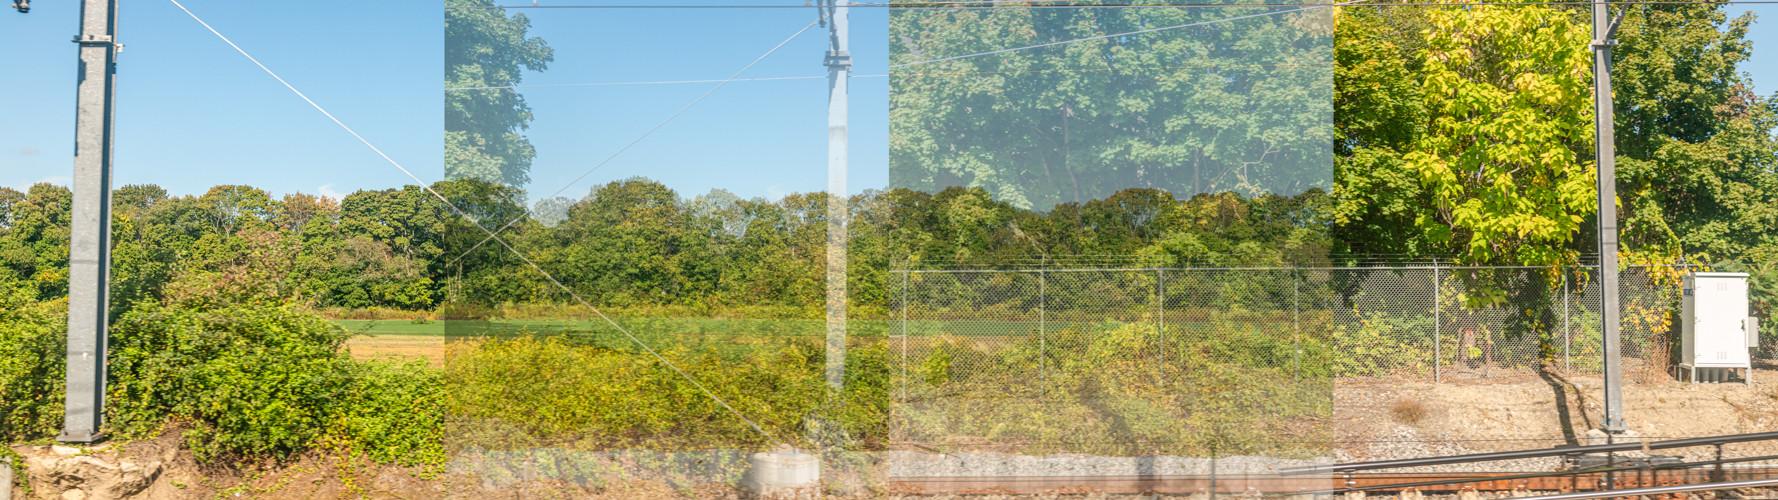 Northbound-16.jpg